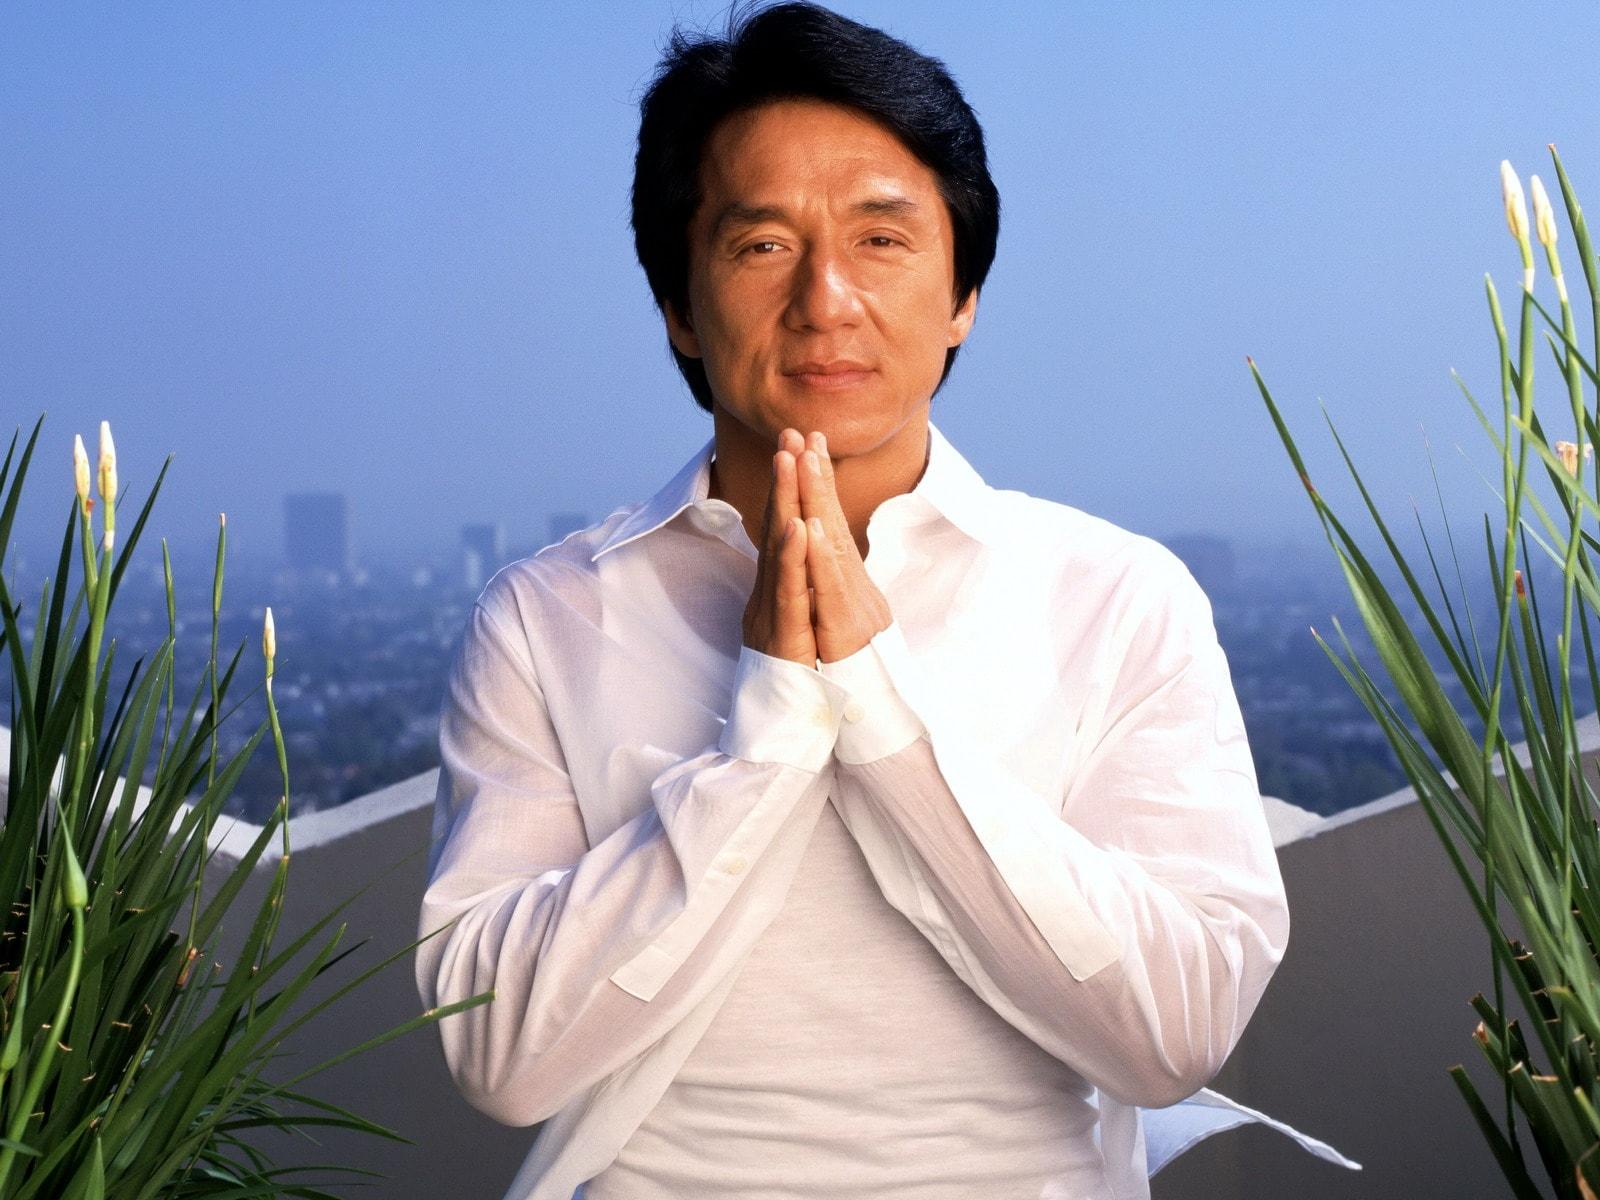 Jackie Chan Hd Wallpapers 7wallpapersnet